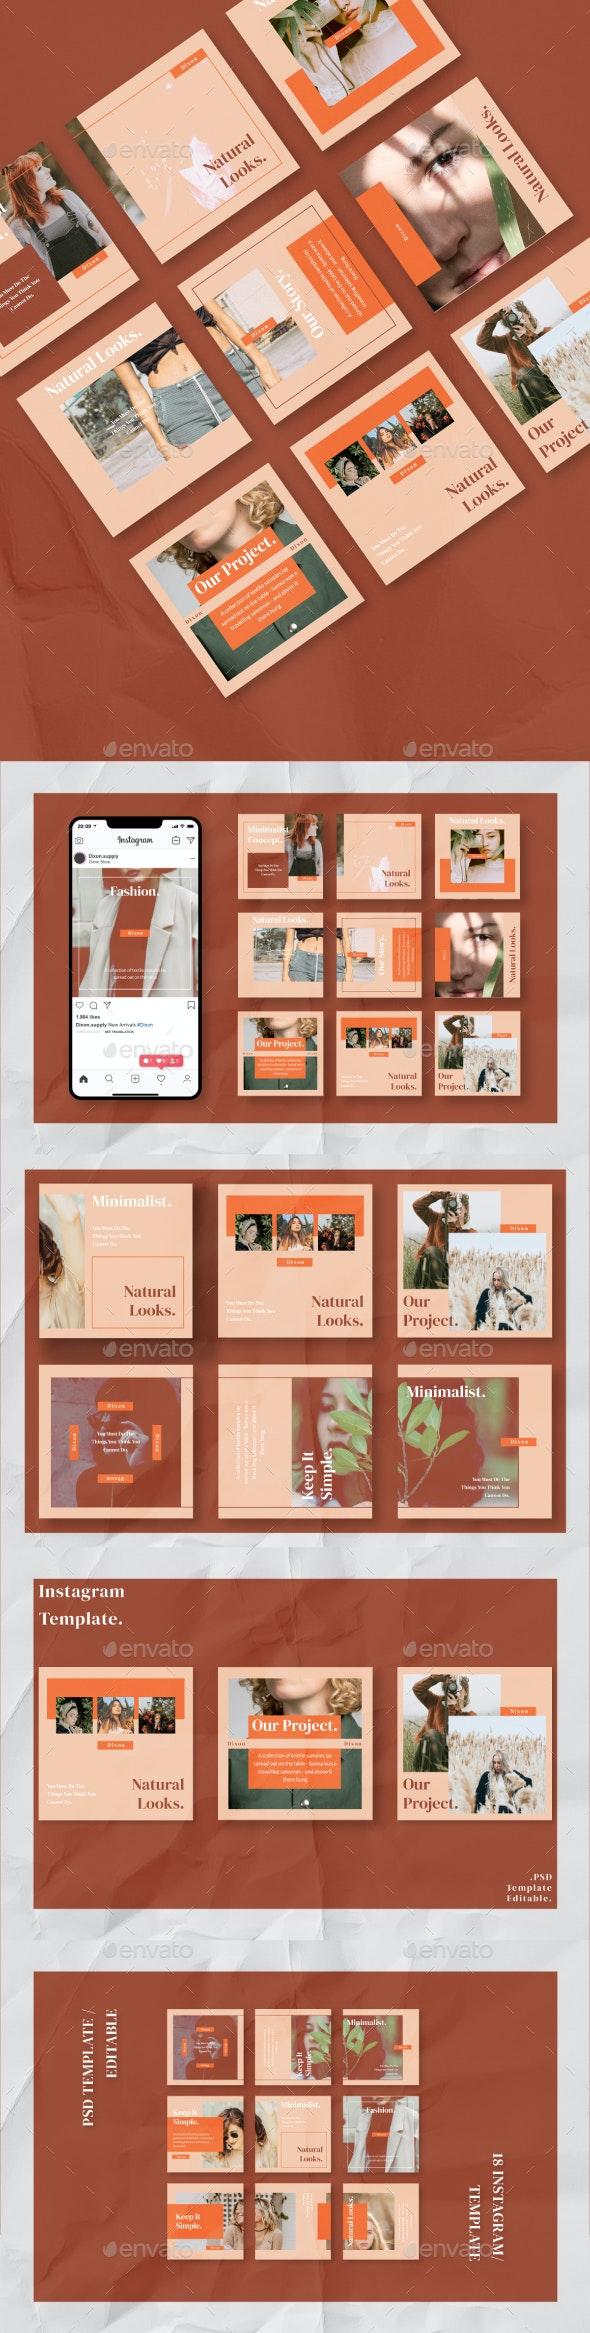 Dixon Social Media Template - Social Media Web Elements